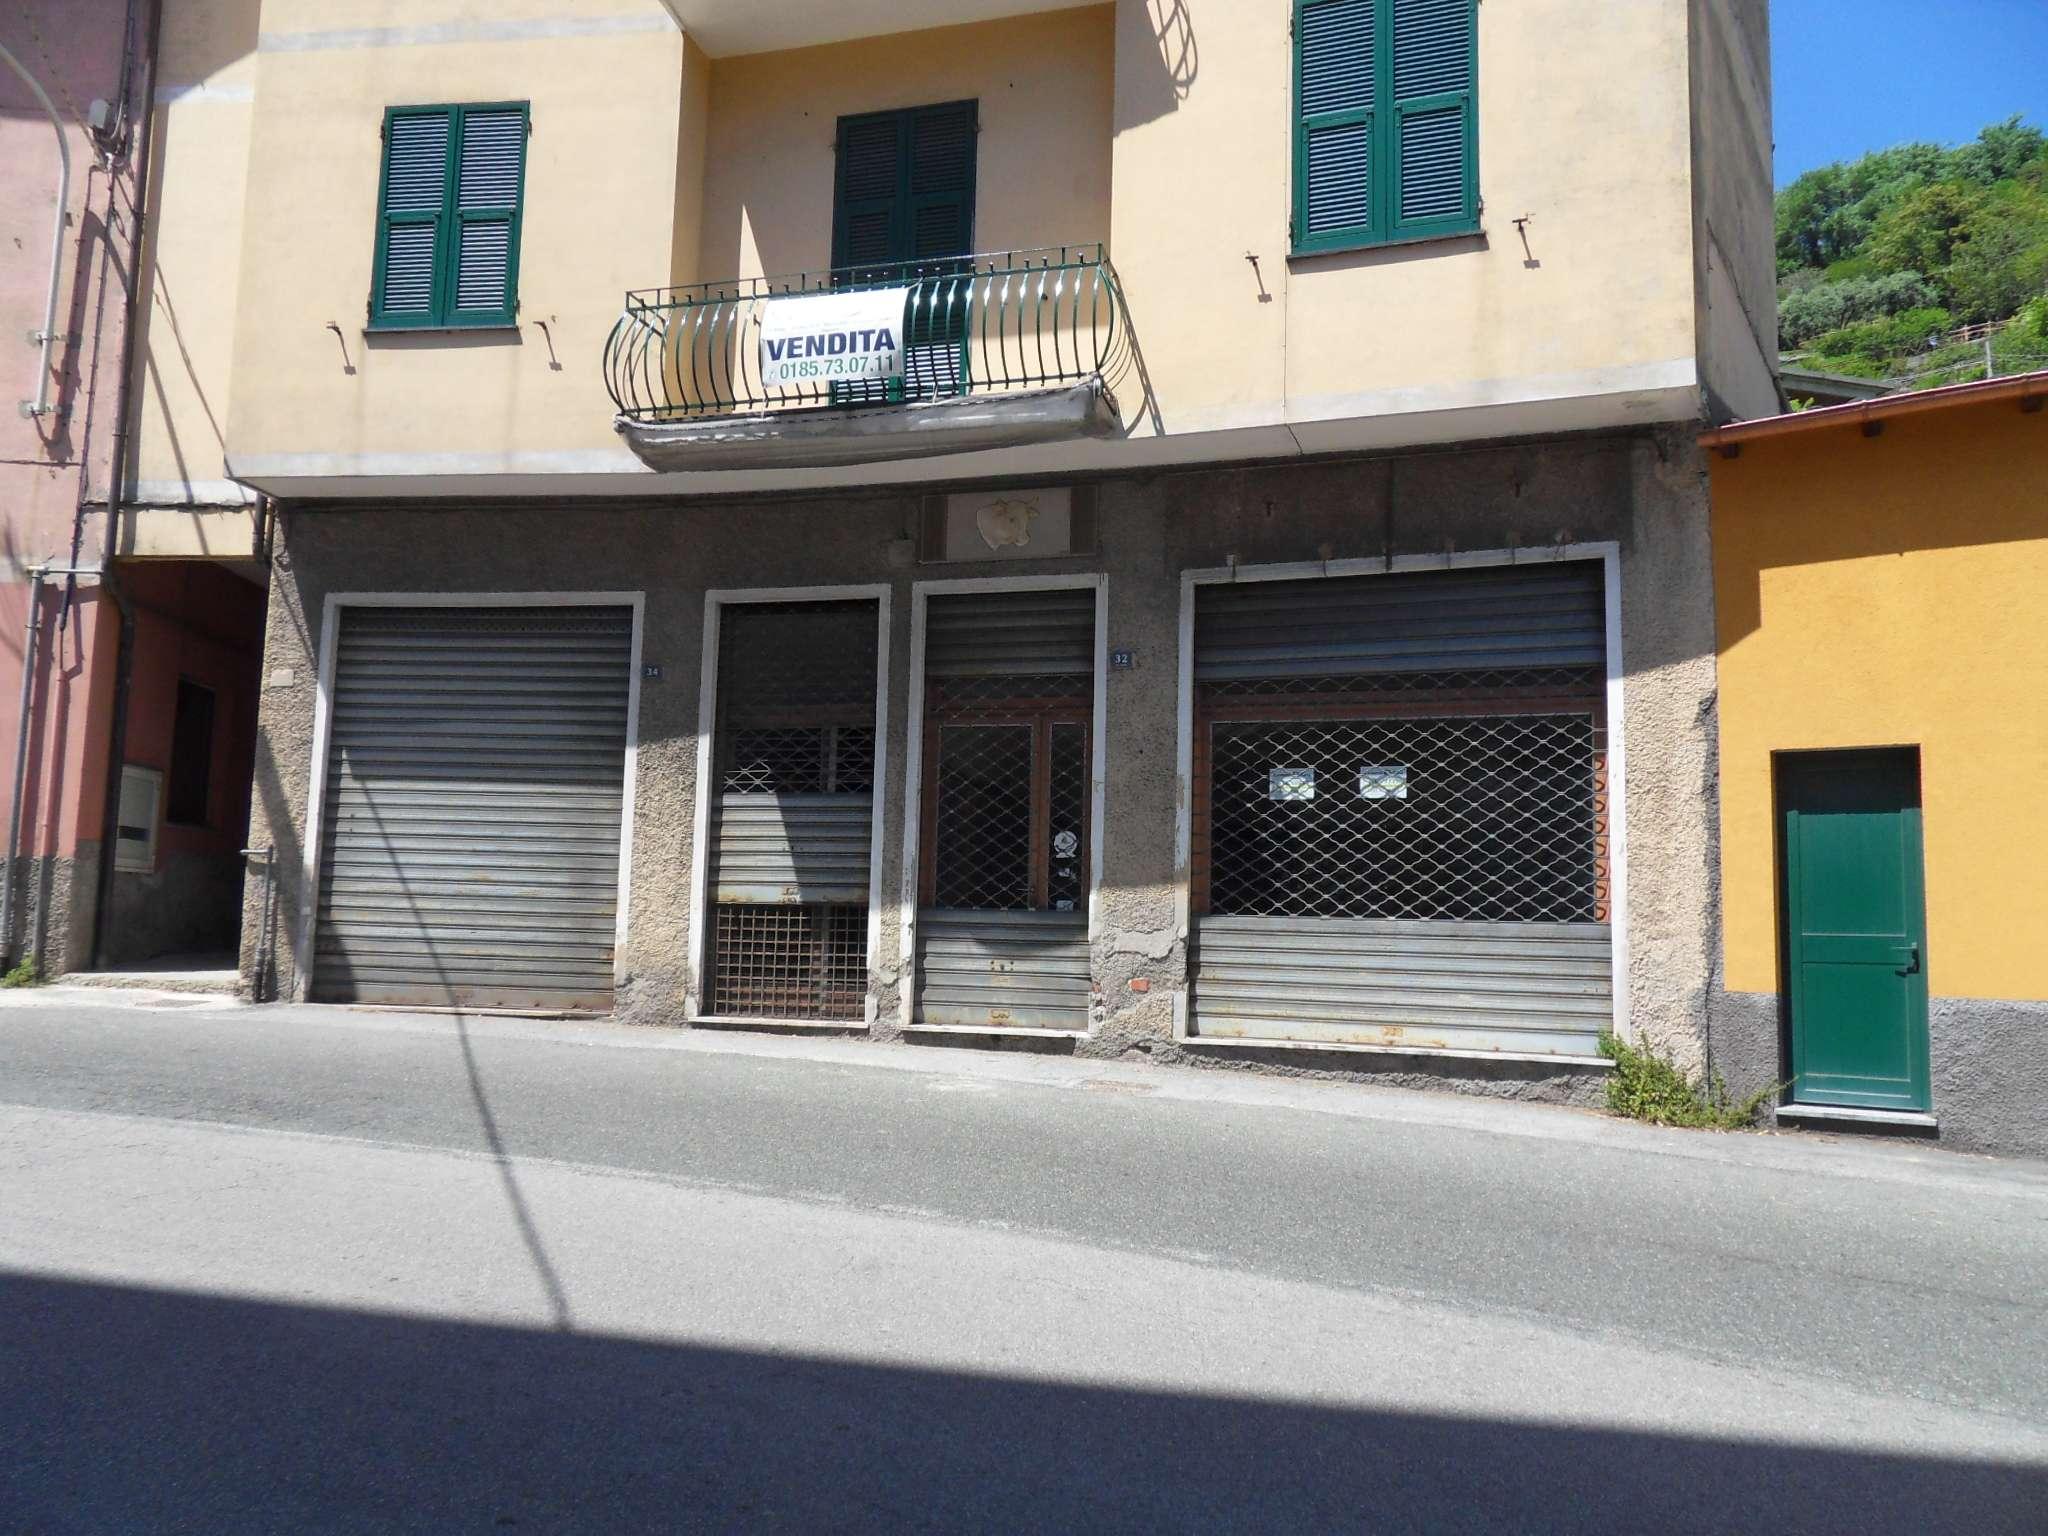 Negozio / Locale in affitto a Uscio, 2 locali, prezzo € 500 | PortaleAgenzieImmobiliari.it